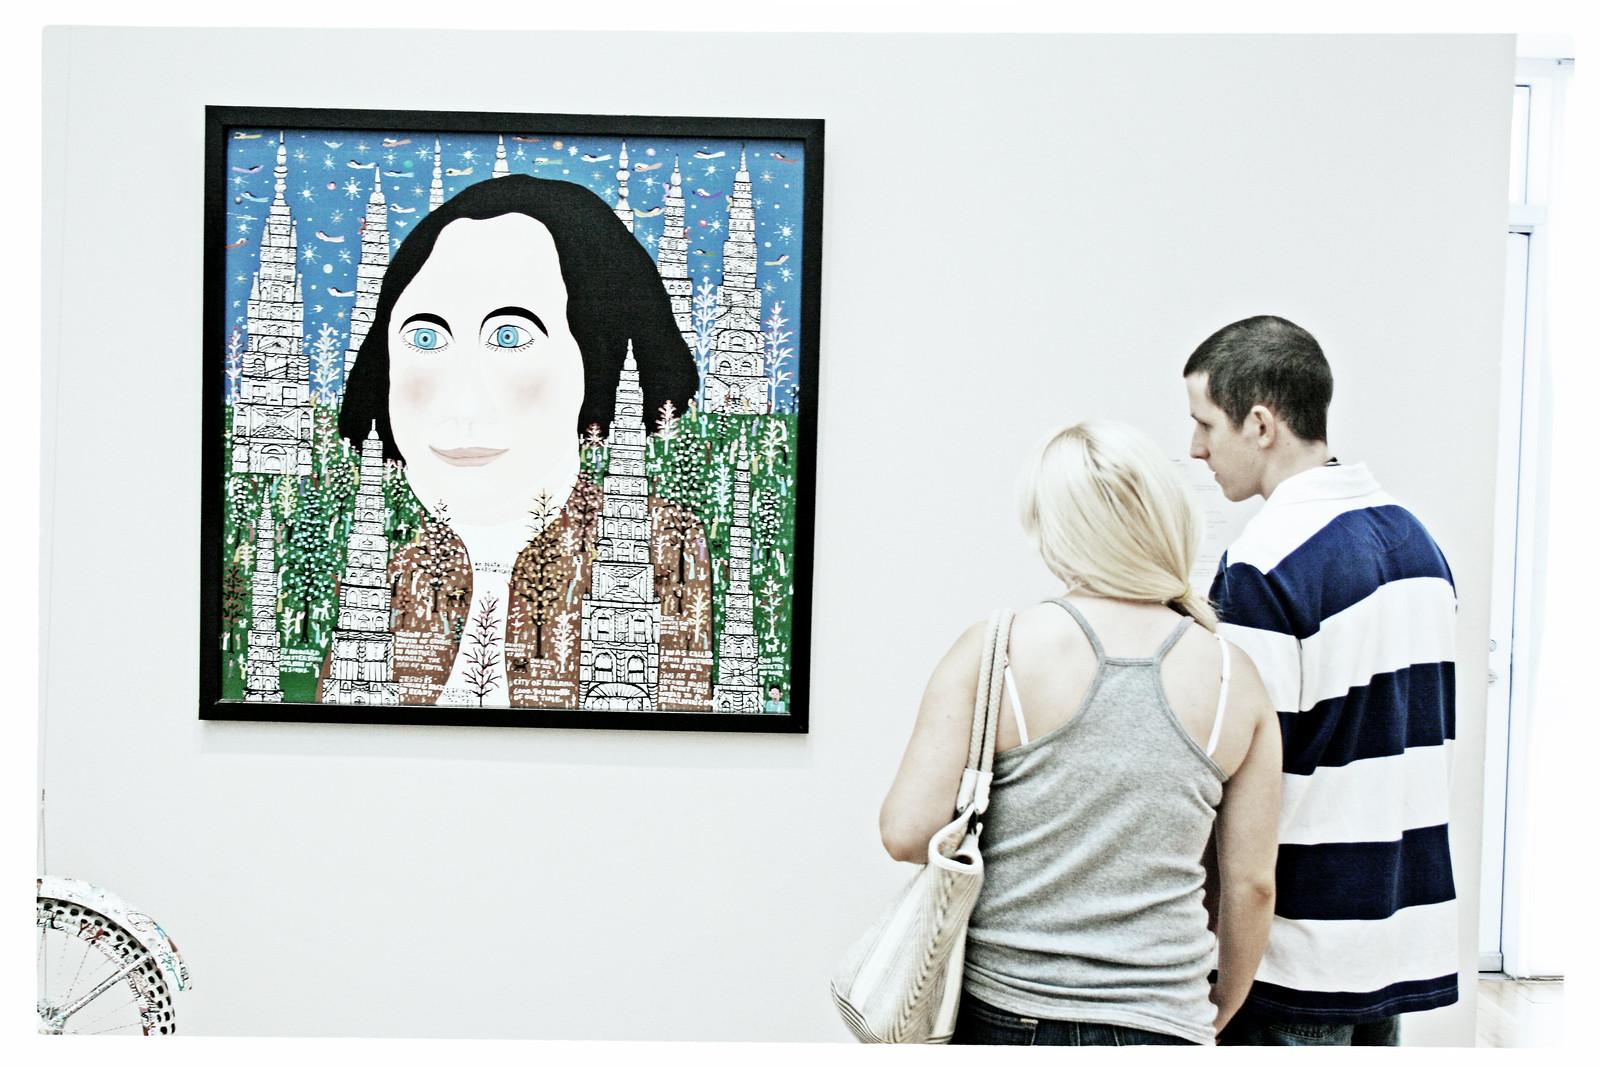 Art Appreciators at the High Museum